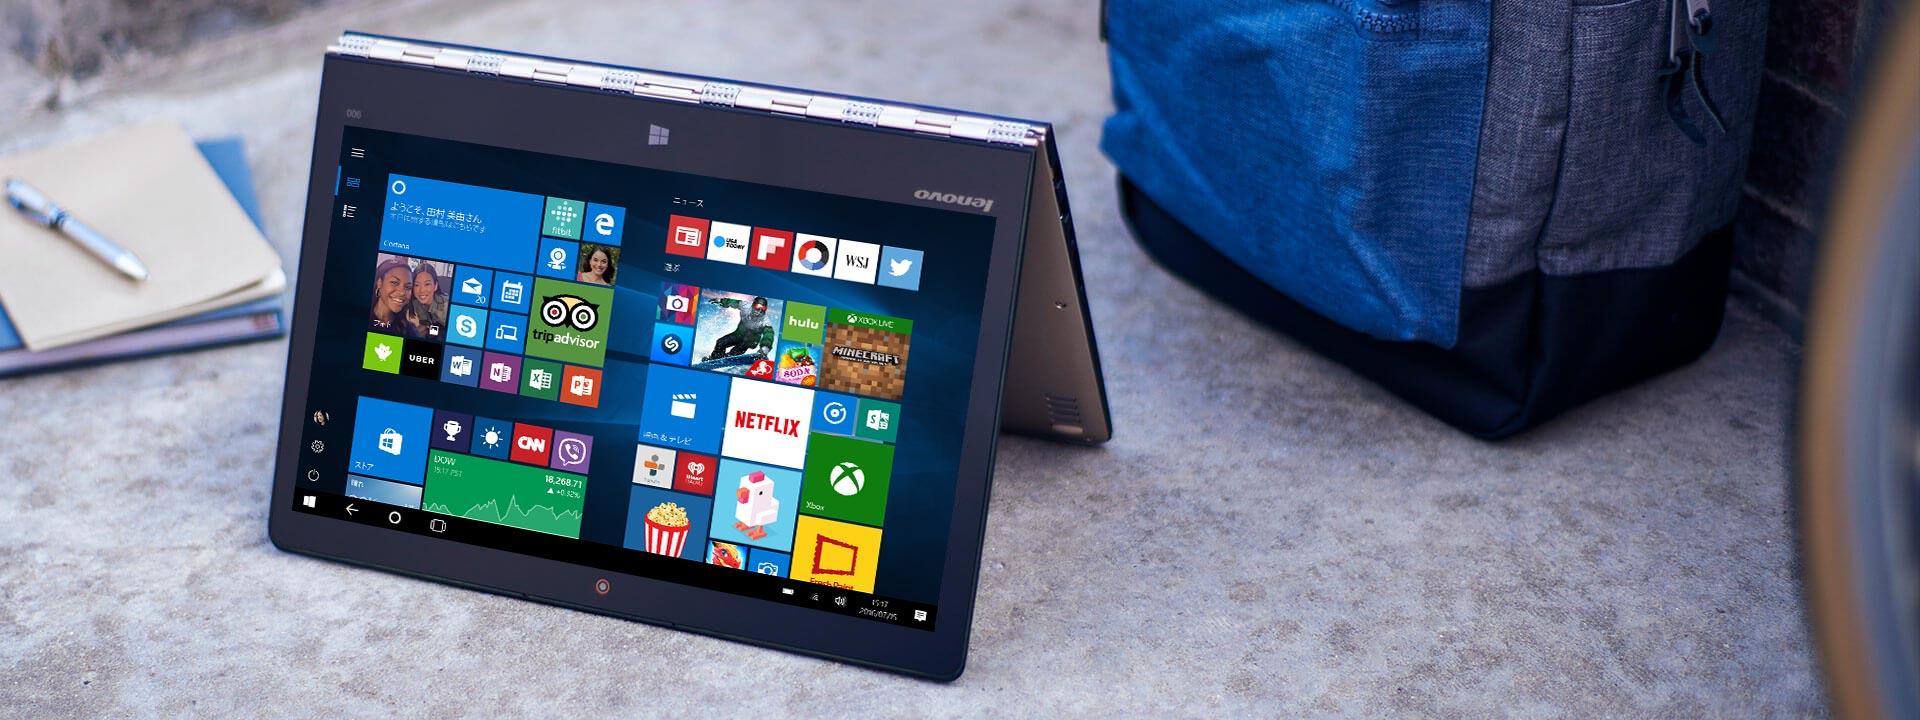 Windows 10 スタート画面を表示したテント モードの Lenovo Yoga 900